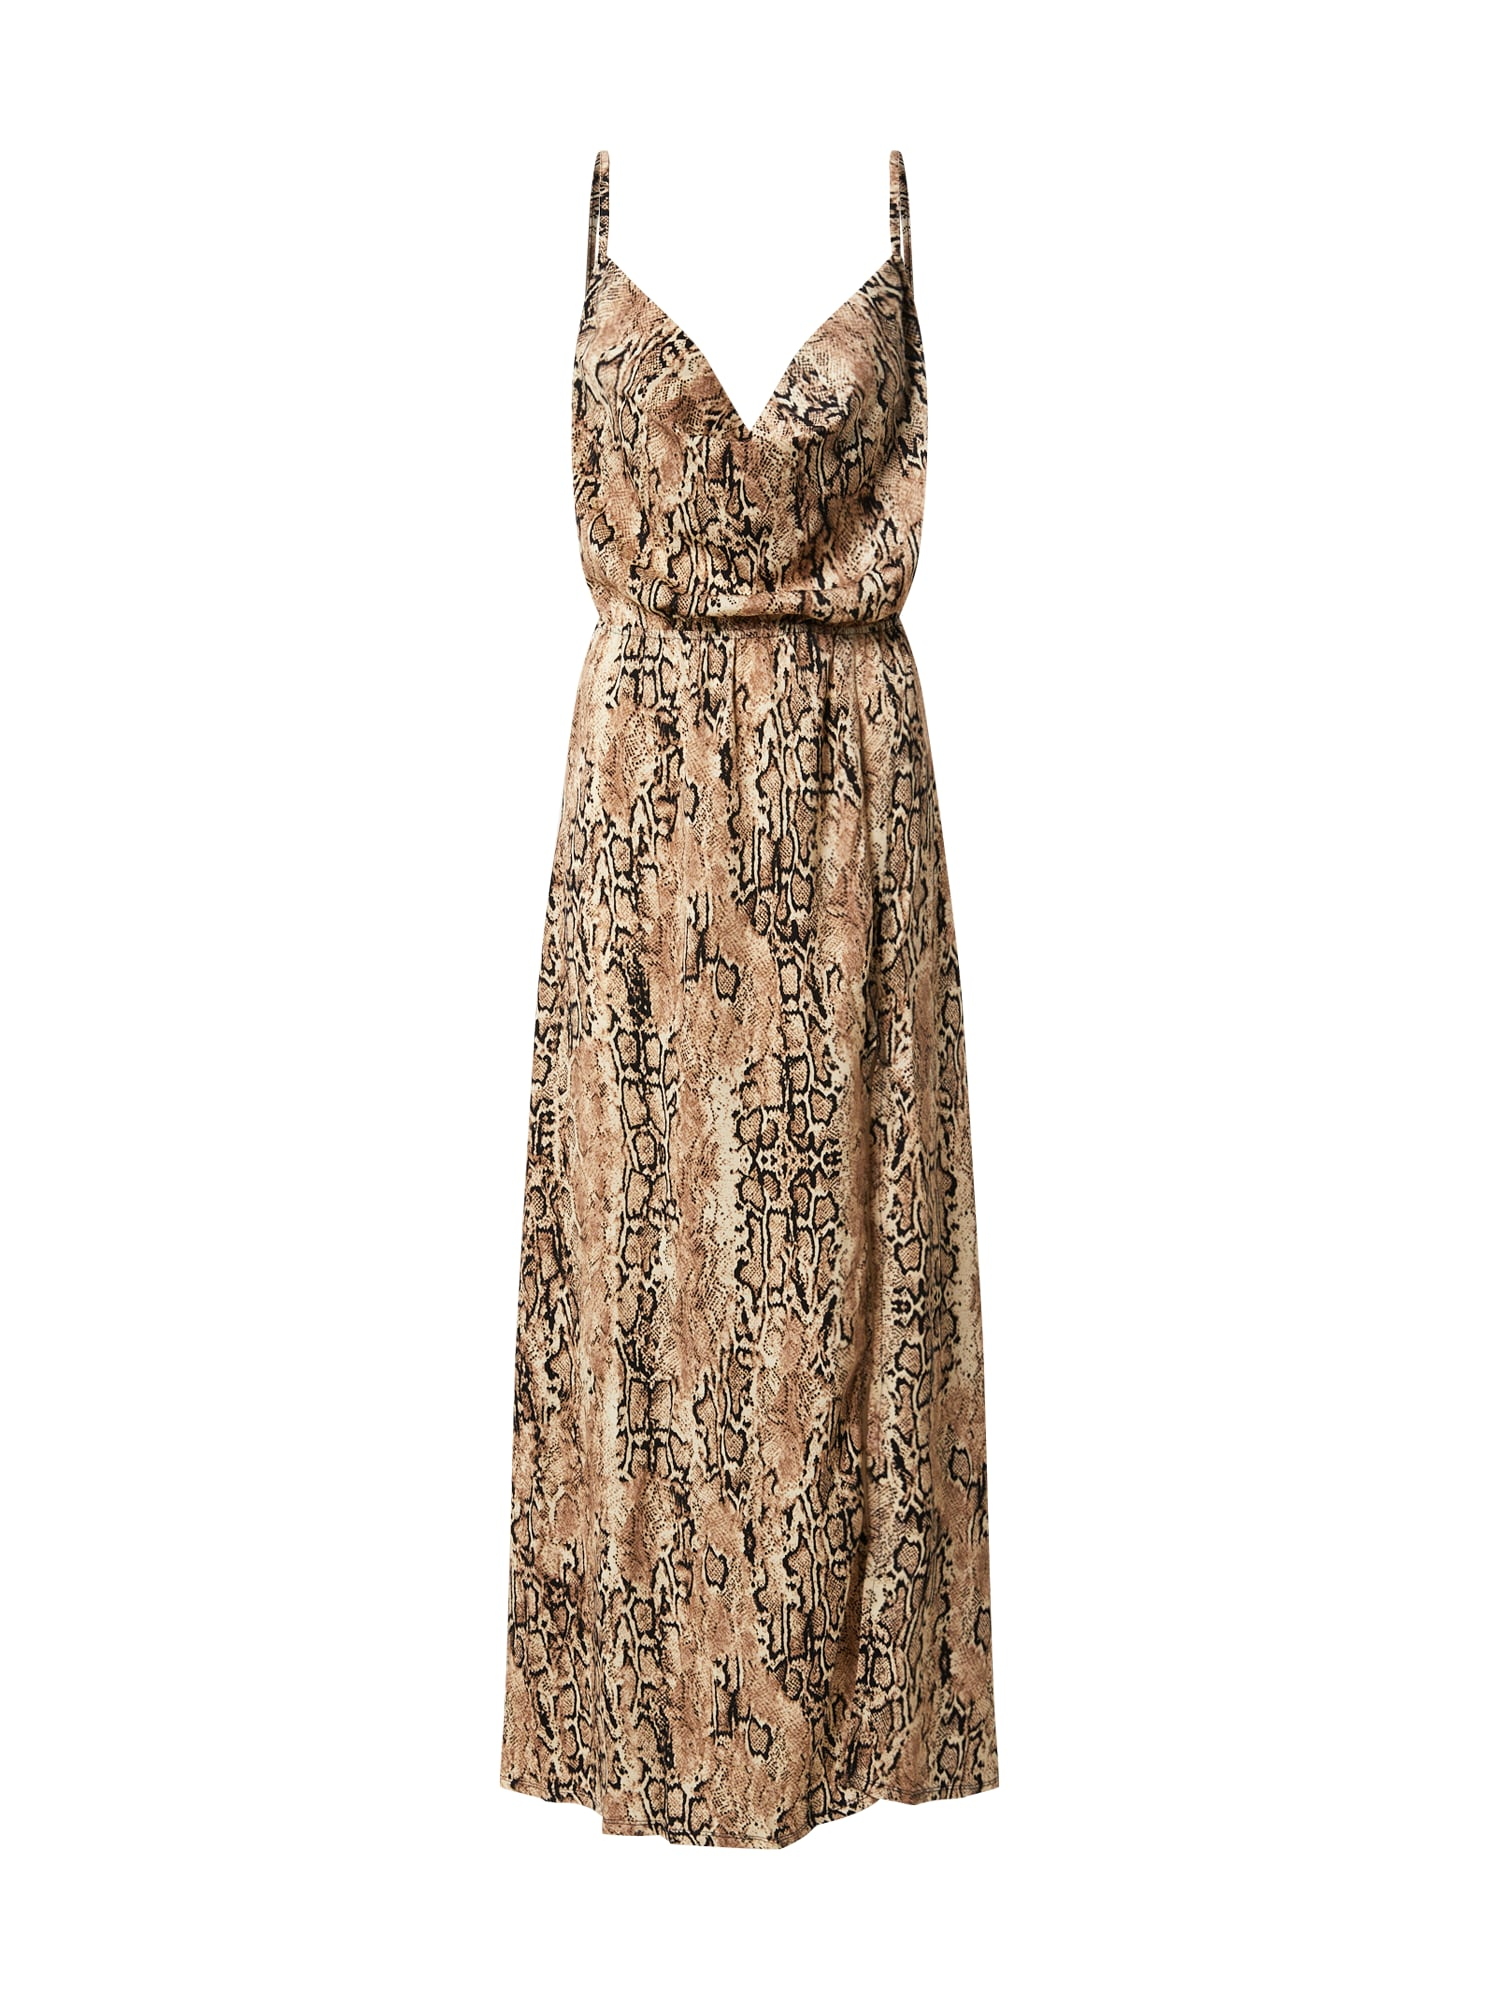 TFNC Vasarinė suknelė 'Allegra' juoda / smėlio / gelsvai pilka spalva